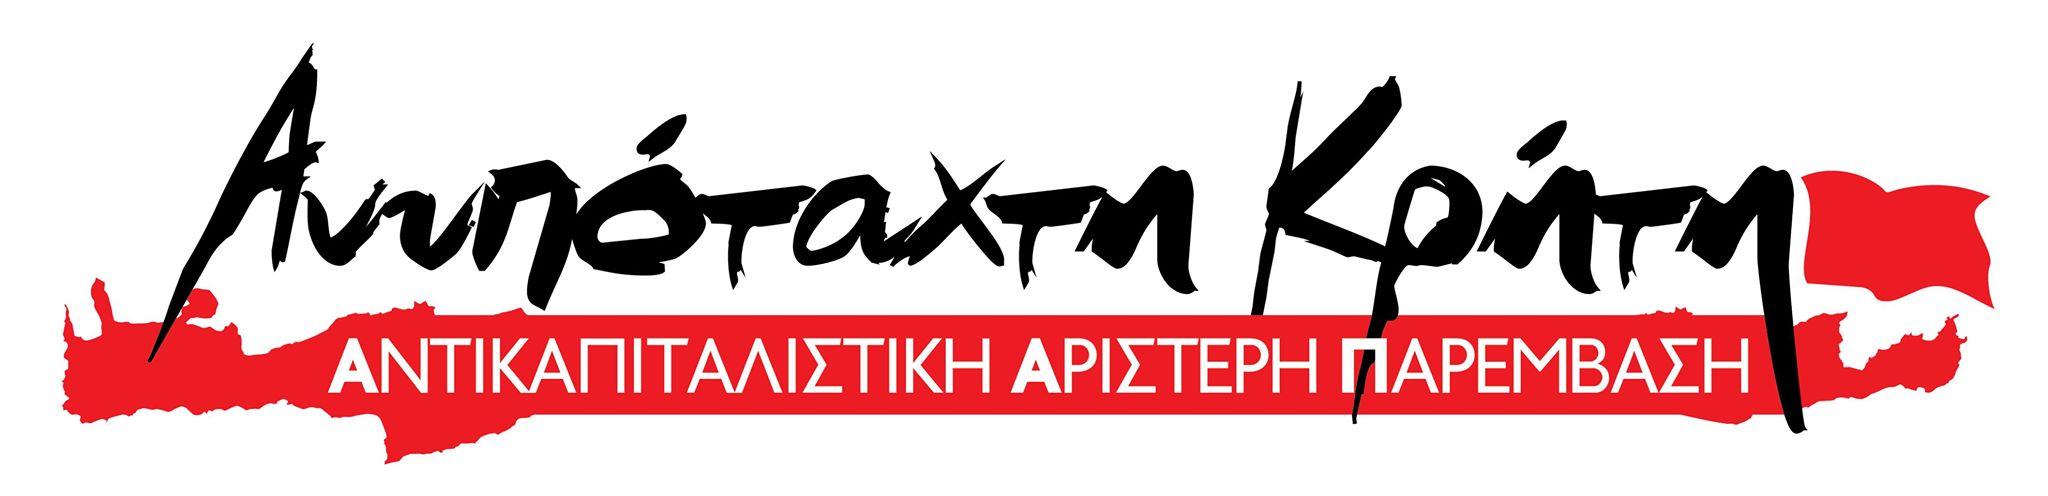 ...θα έχει μια έδρα στο Περιφερειακό Συμβούλιο Κρήτης